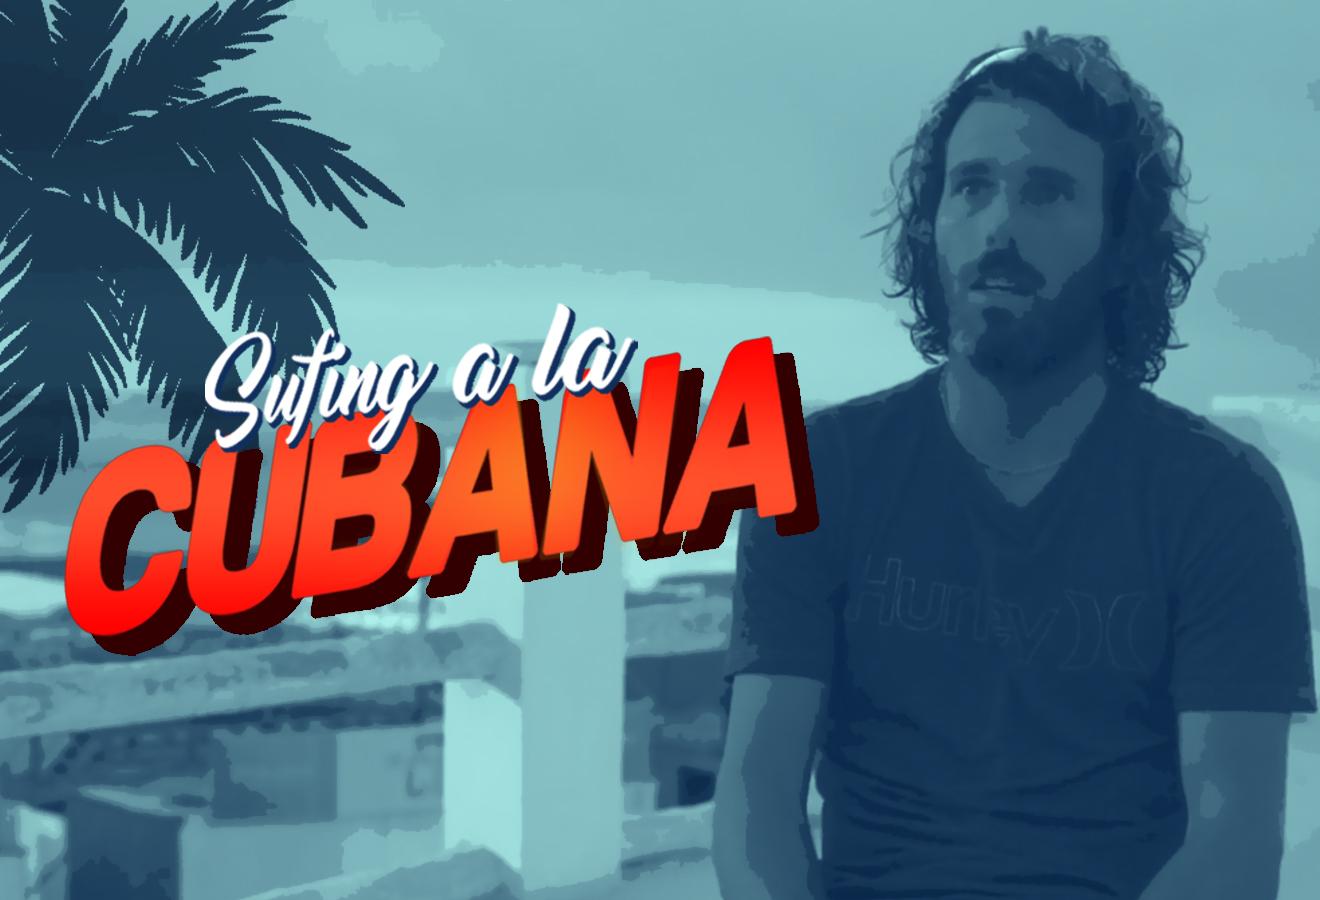 [VIDEO-ENTREVISTA] Surfing a la cubana, así se vive el deporte de las olas en la Isla